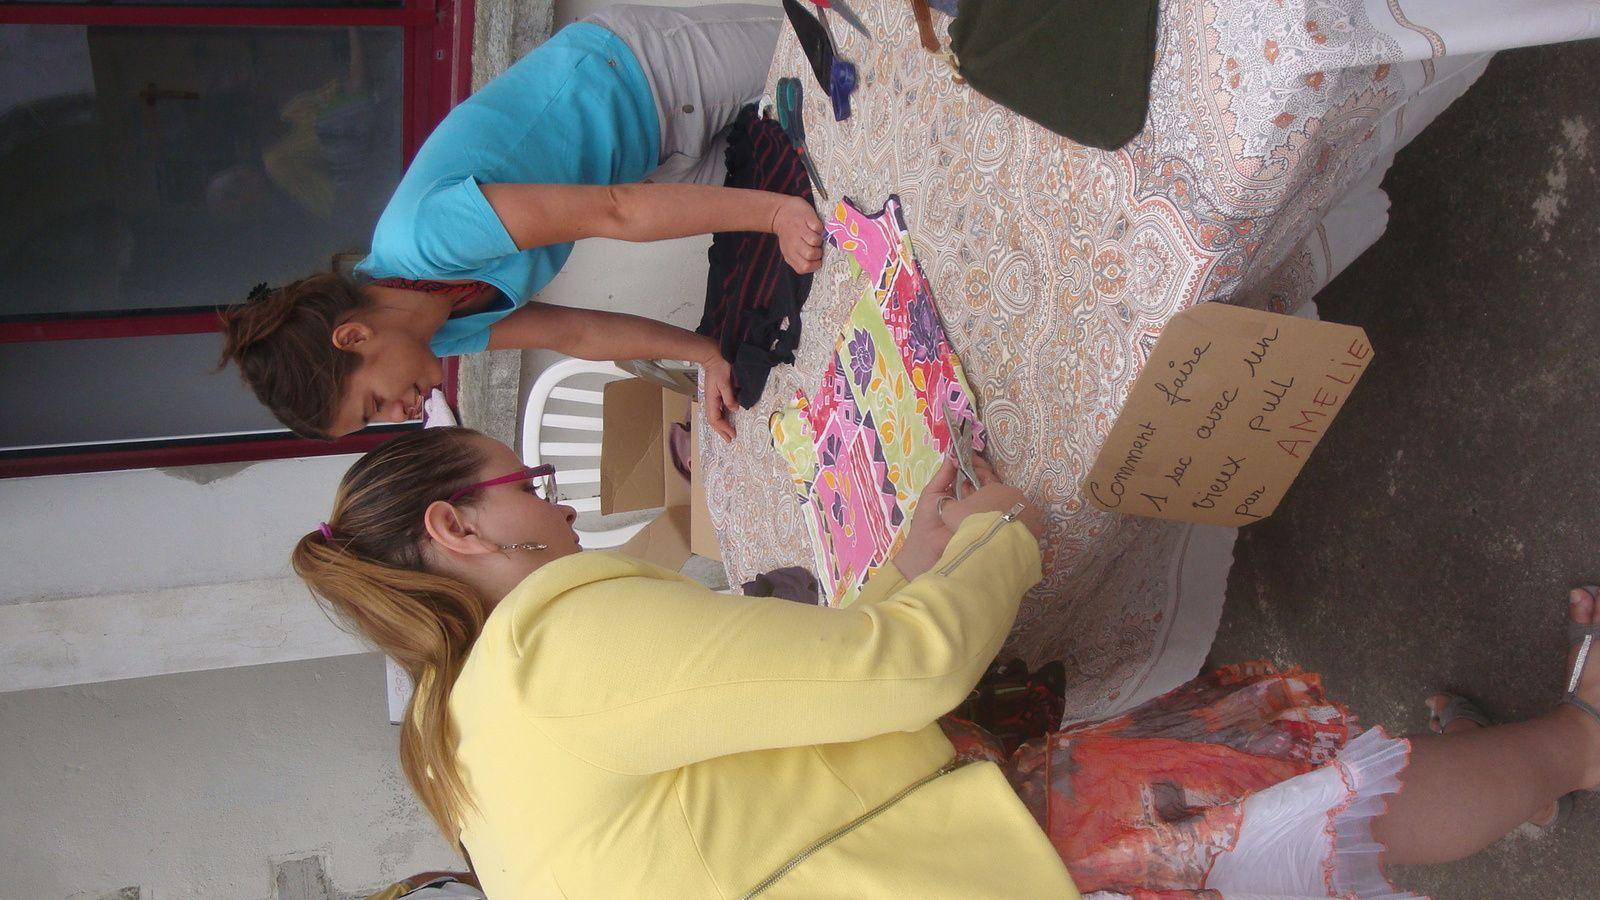 Amélie s'est proposée pour un mini atelier récup' en apprenant à transformer un pull ou un tee-shirt en sac original. Pour la plage, y mettre son drap de bain par exemple. Succès auprès des visiteuses qui en quelques coups de ciseaux et sans coutures sont reparties avec une création originale.